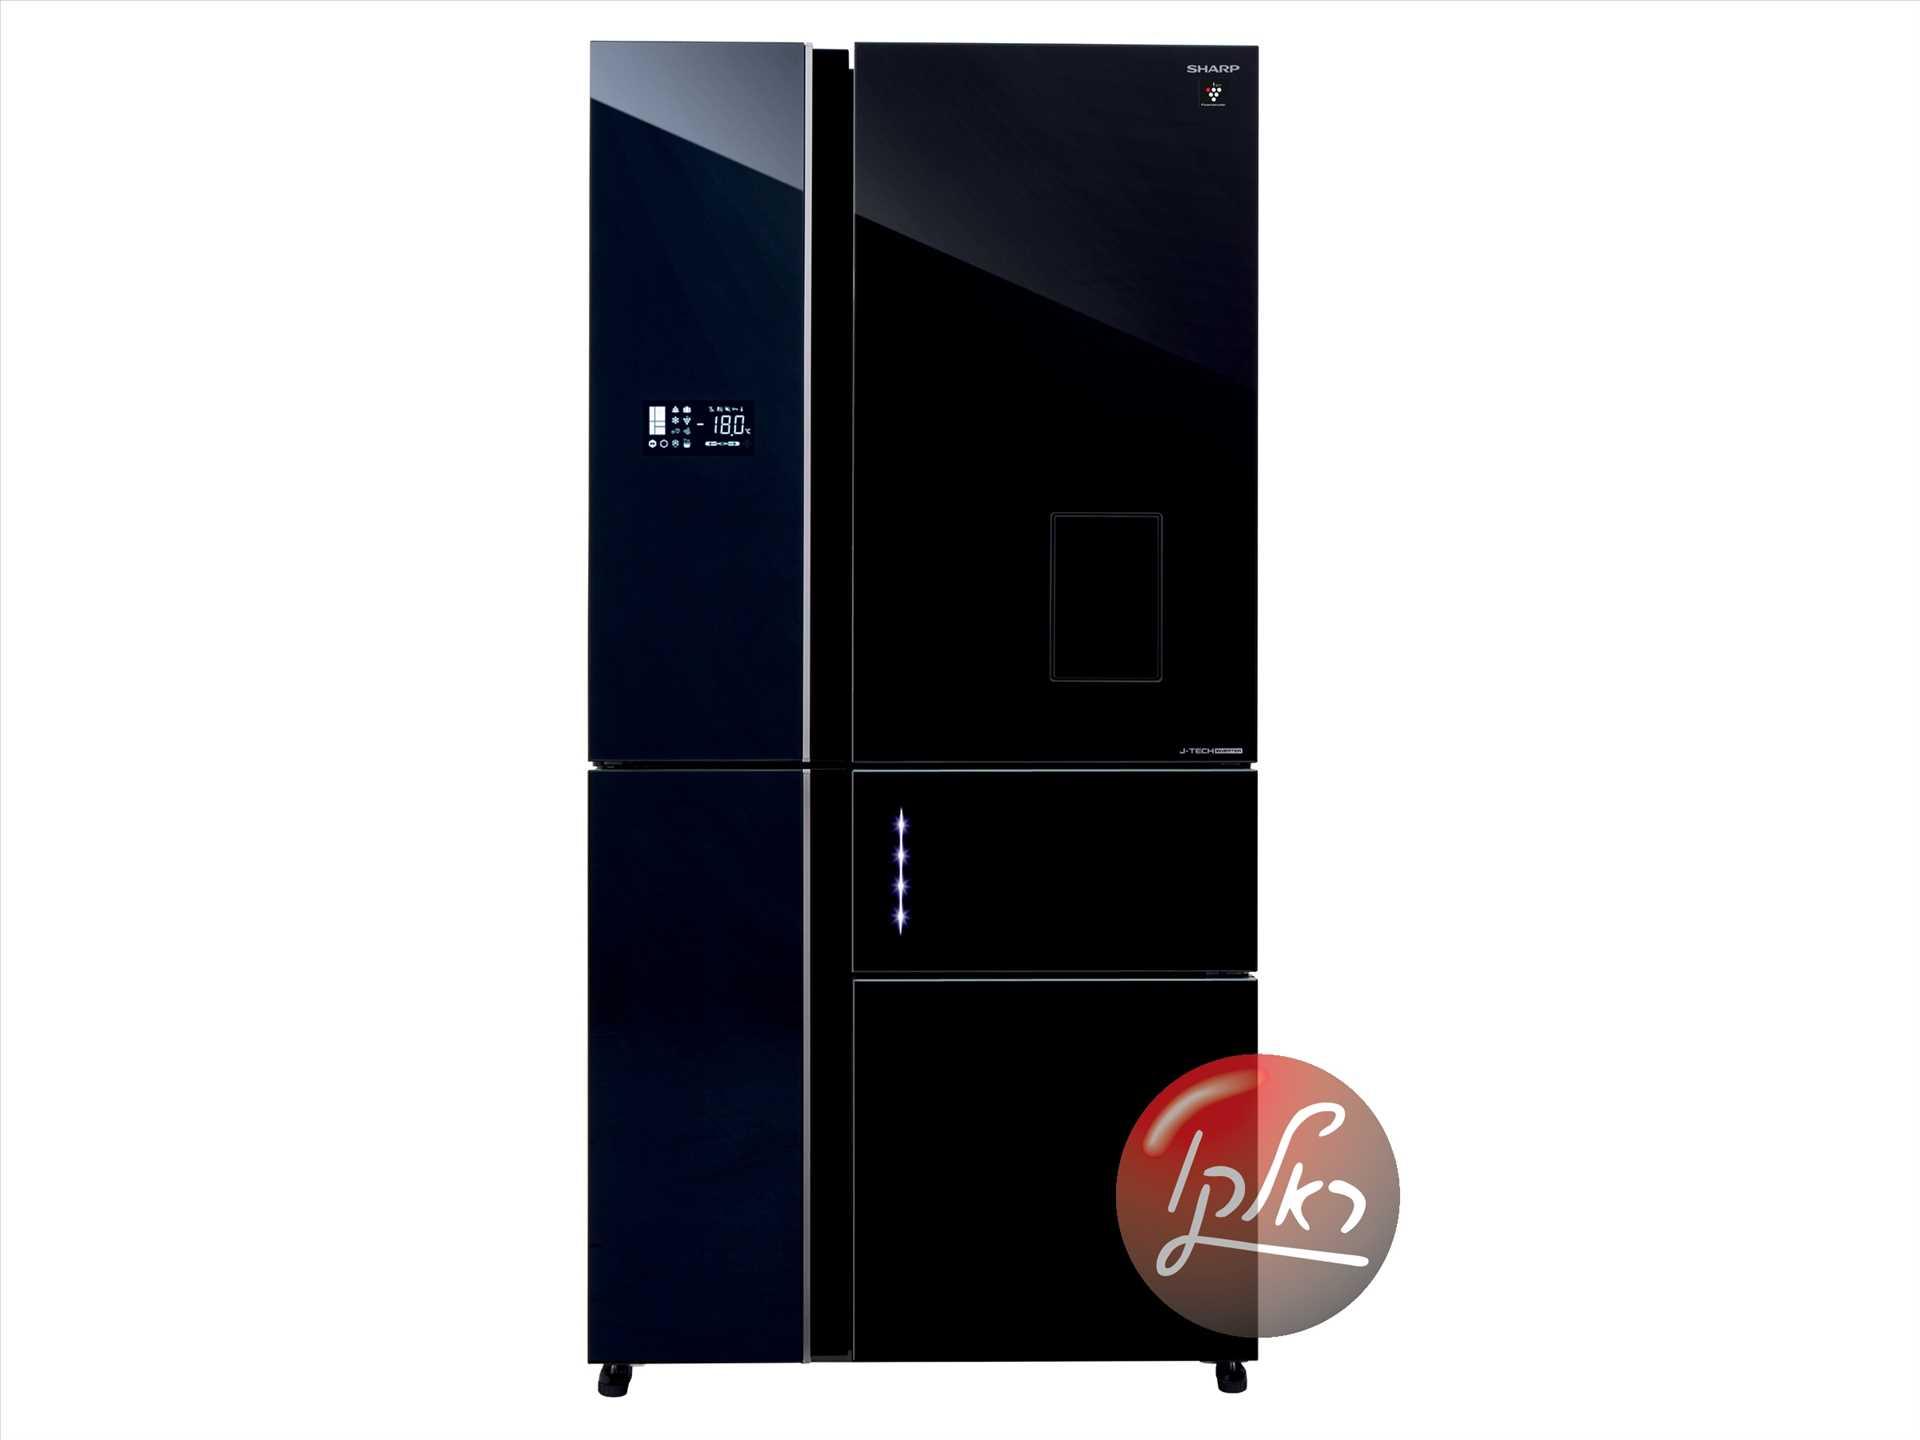 מקרר 5 דלתות SHARP SJ-9831 שארפ 651 ליטר ציפוי זכוכית שחורה - תמונה 1